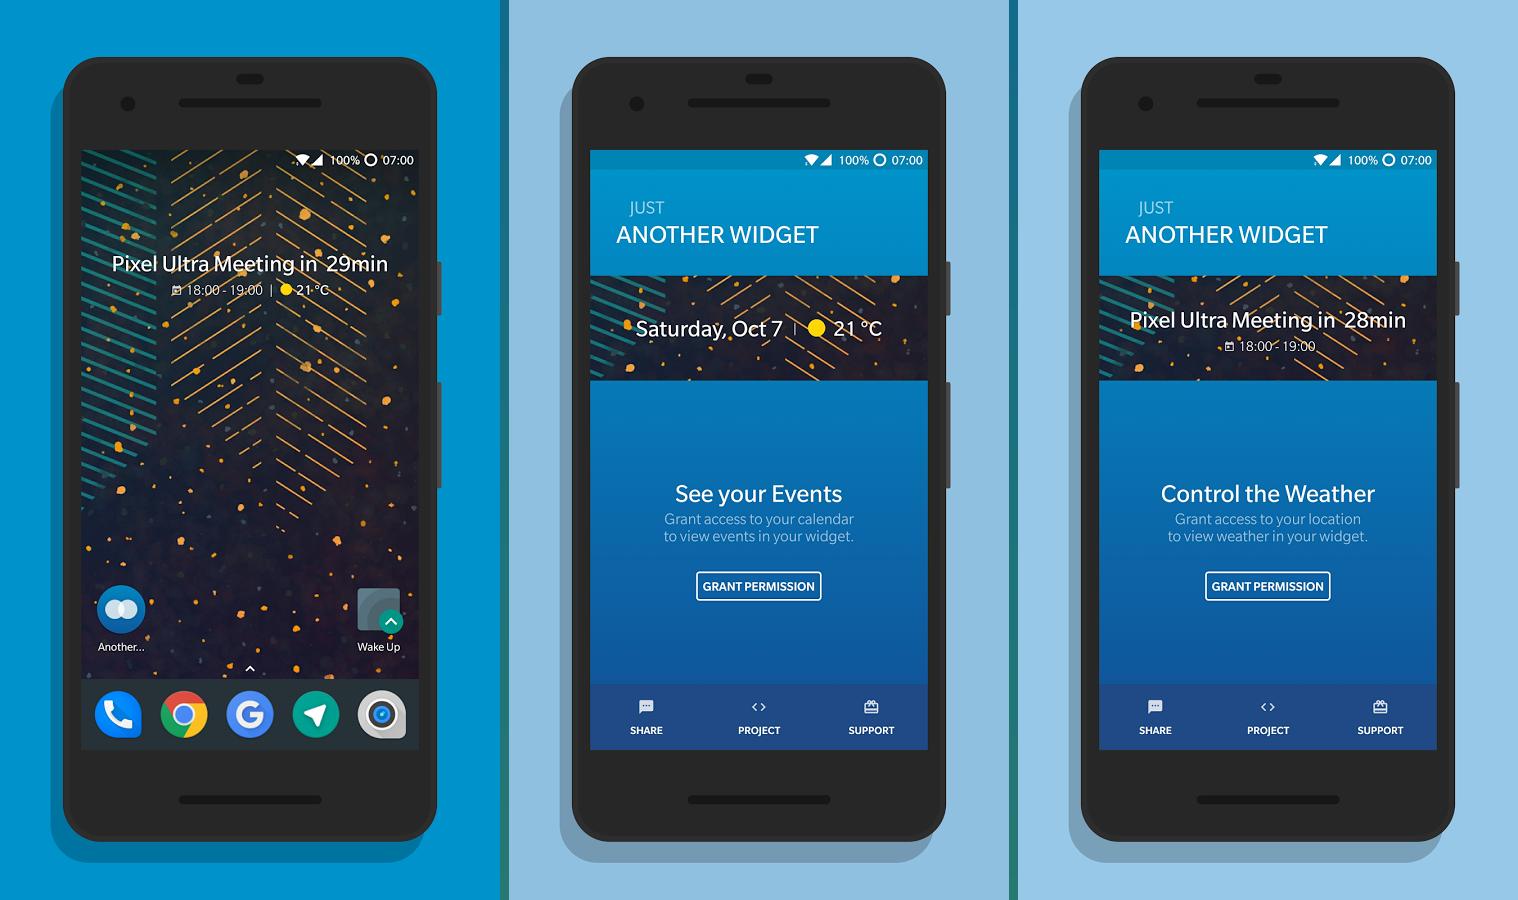 تطبيقAnother Widget للتمتع بإحدى مزايالانشر Pixel 2 على هاتفك الأندرويد